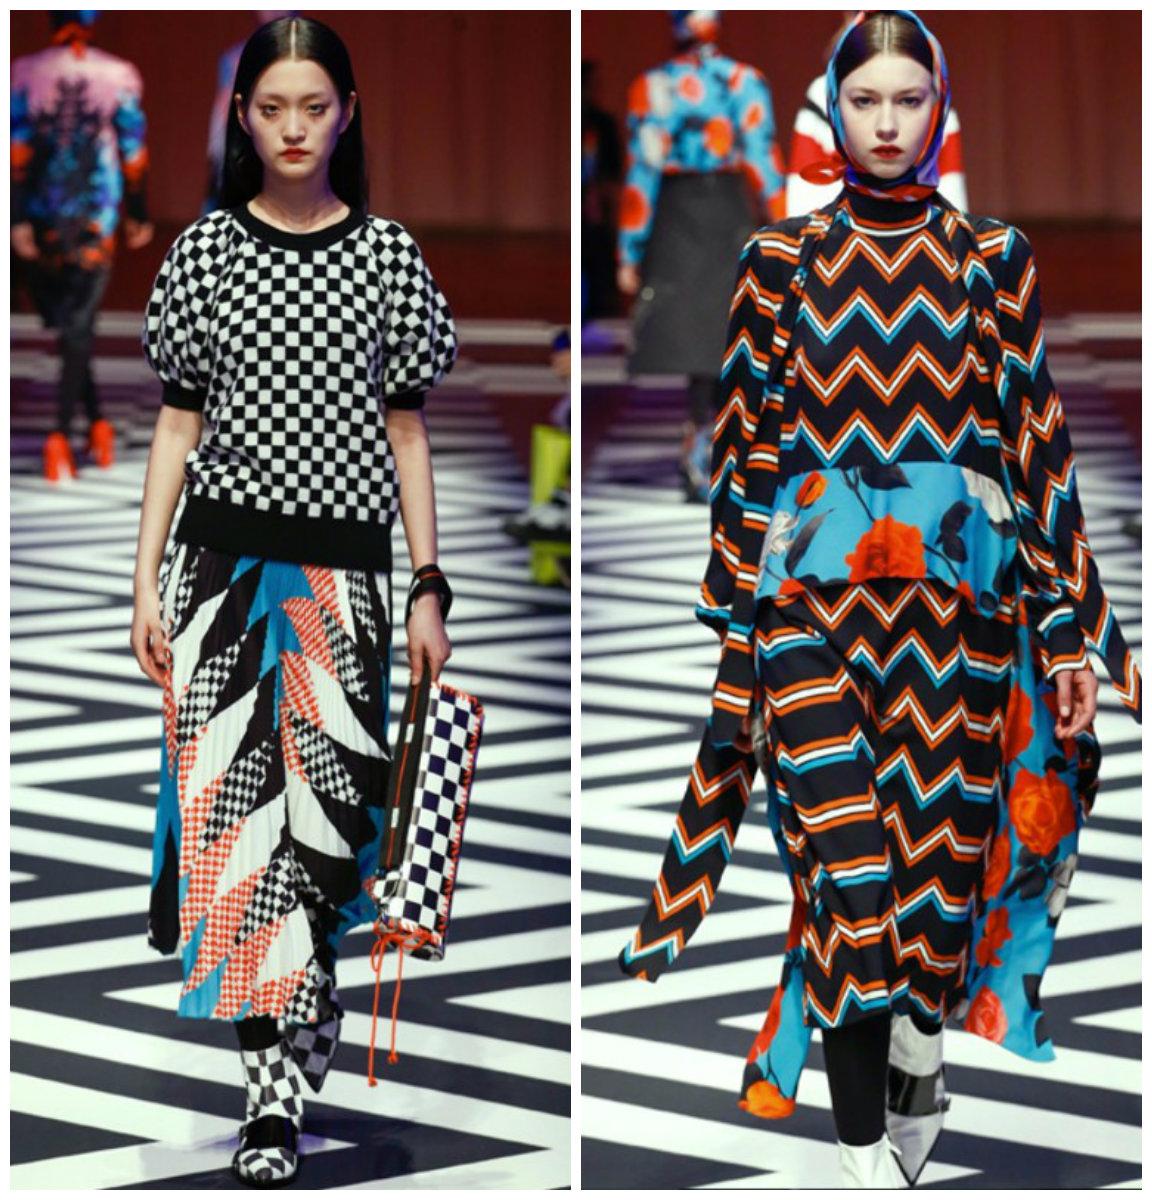 Тенденции-женской-моды-2018-года-фото-одежда-из-денима-деловой-стиль-авангард-Тенденции моды 2018-Мода 2018, основные тенденции